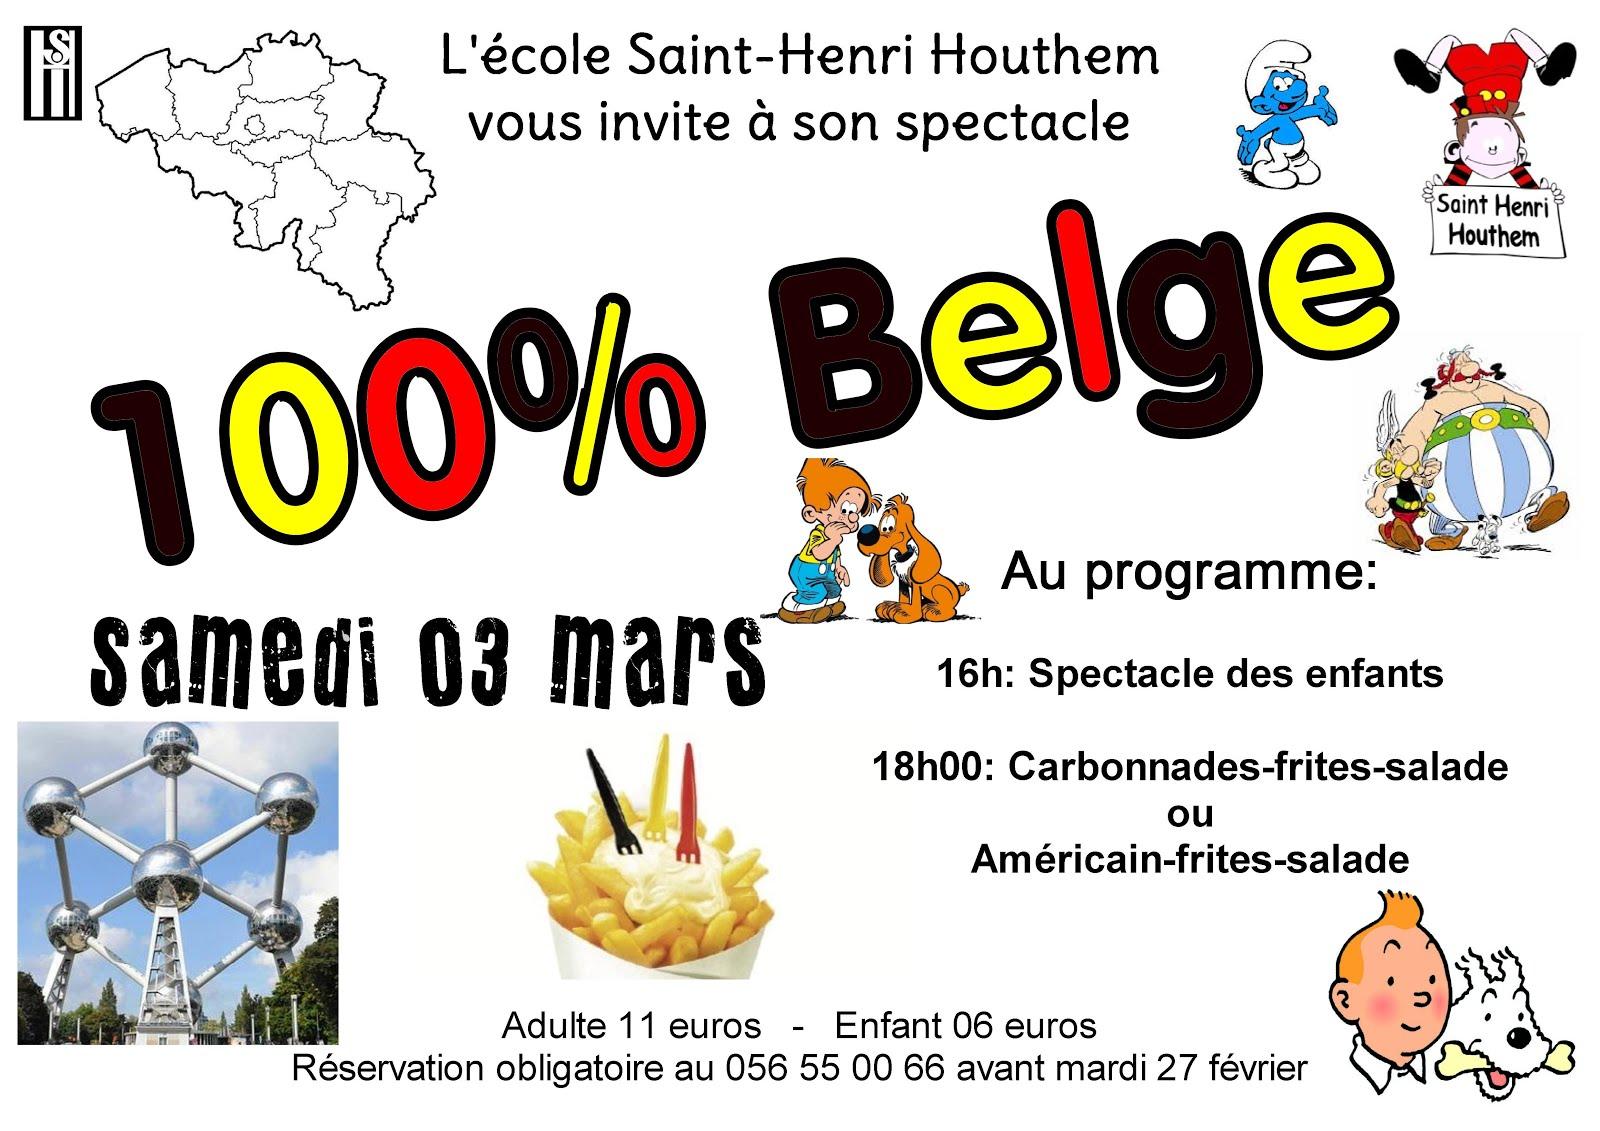 3 mars Saint Henri Houthem